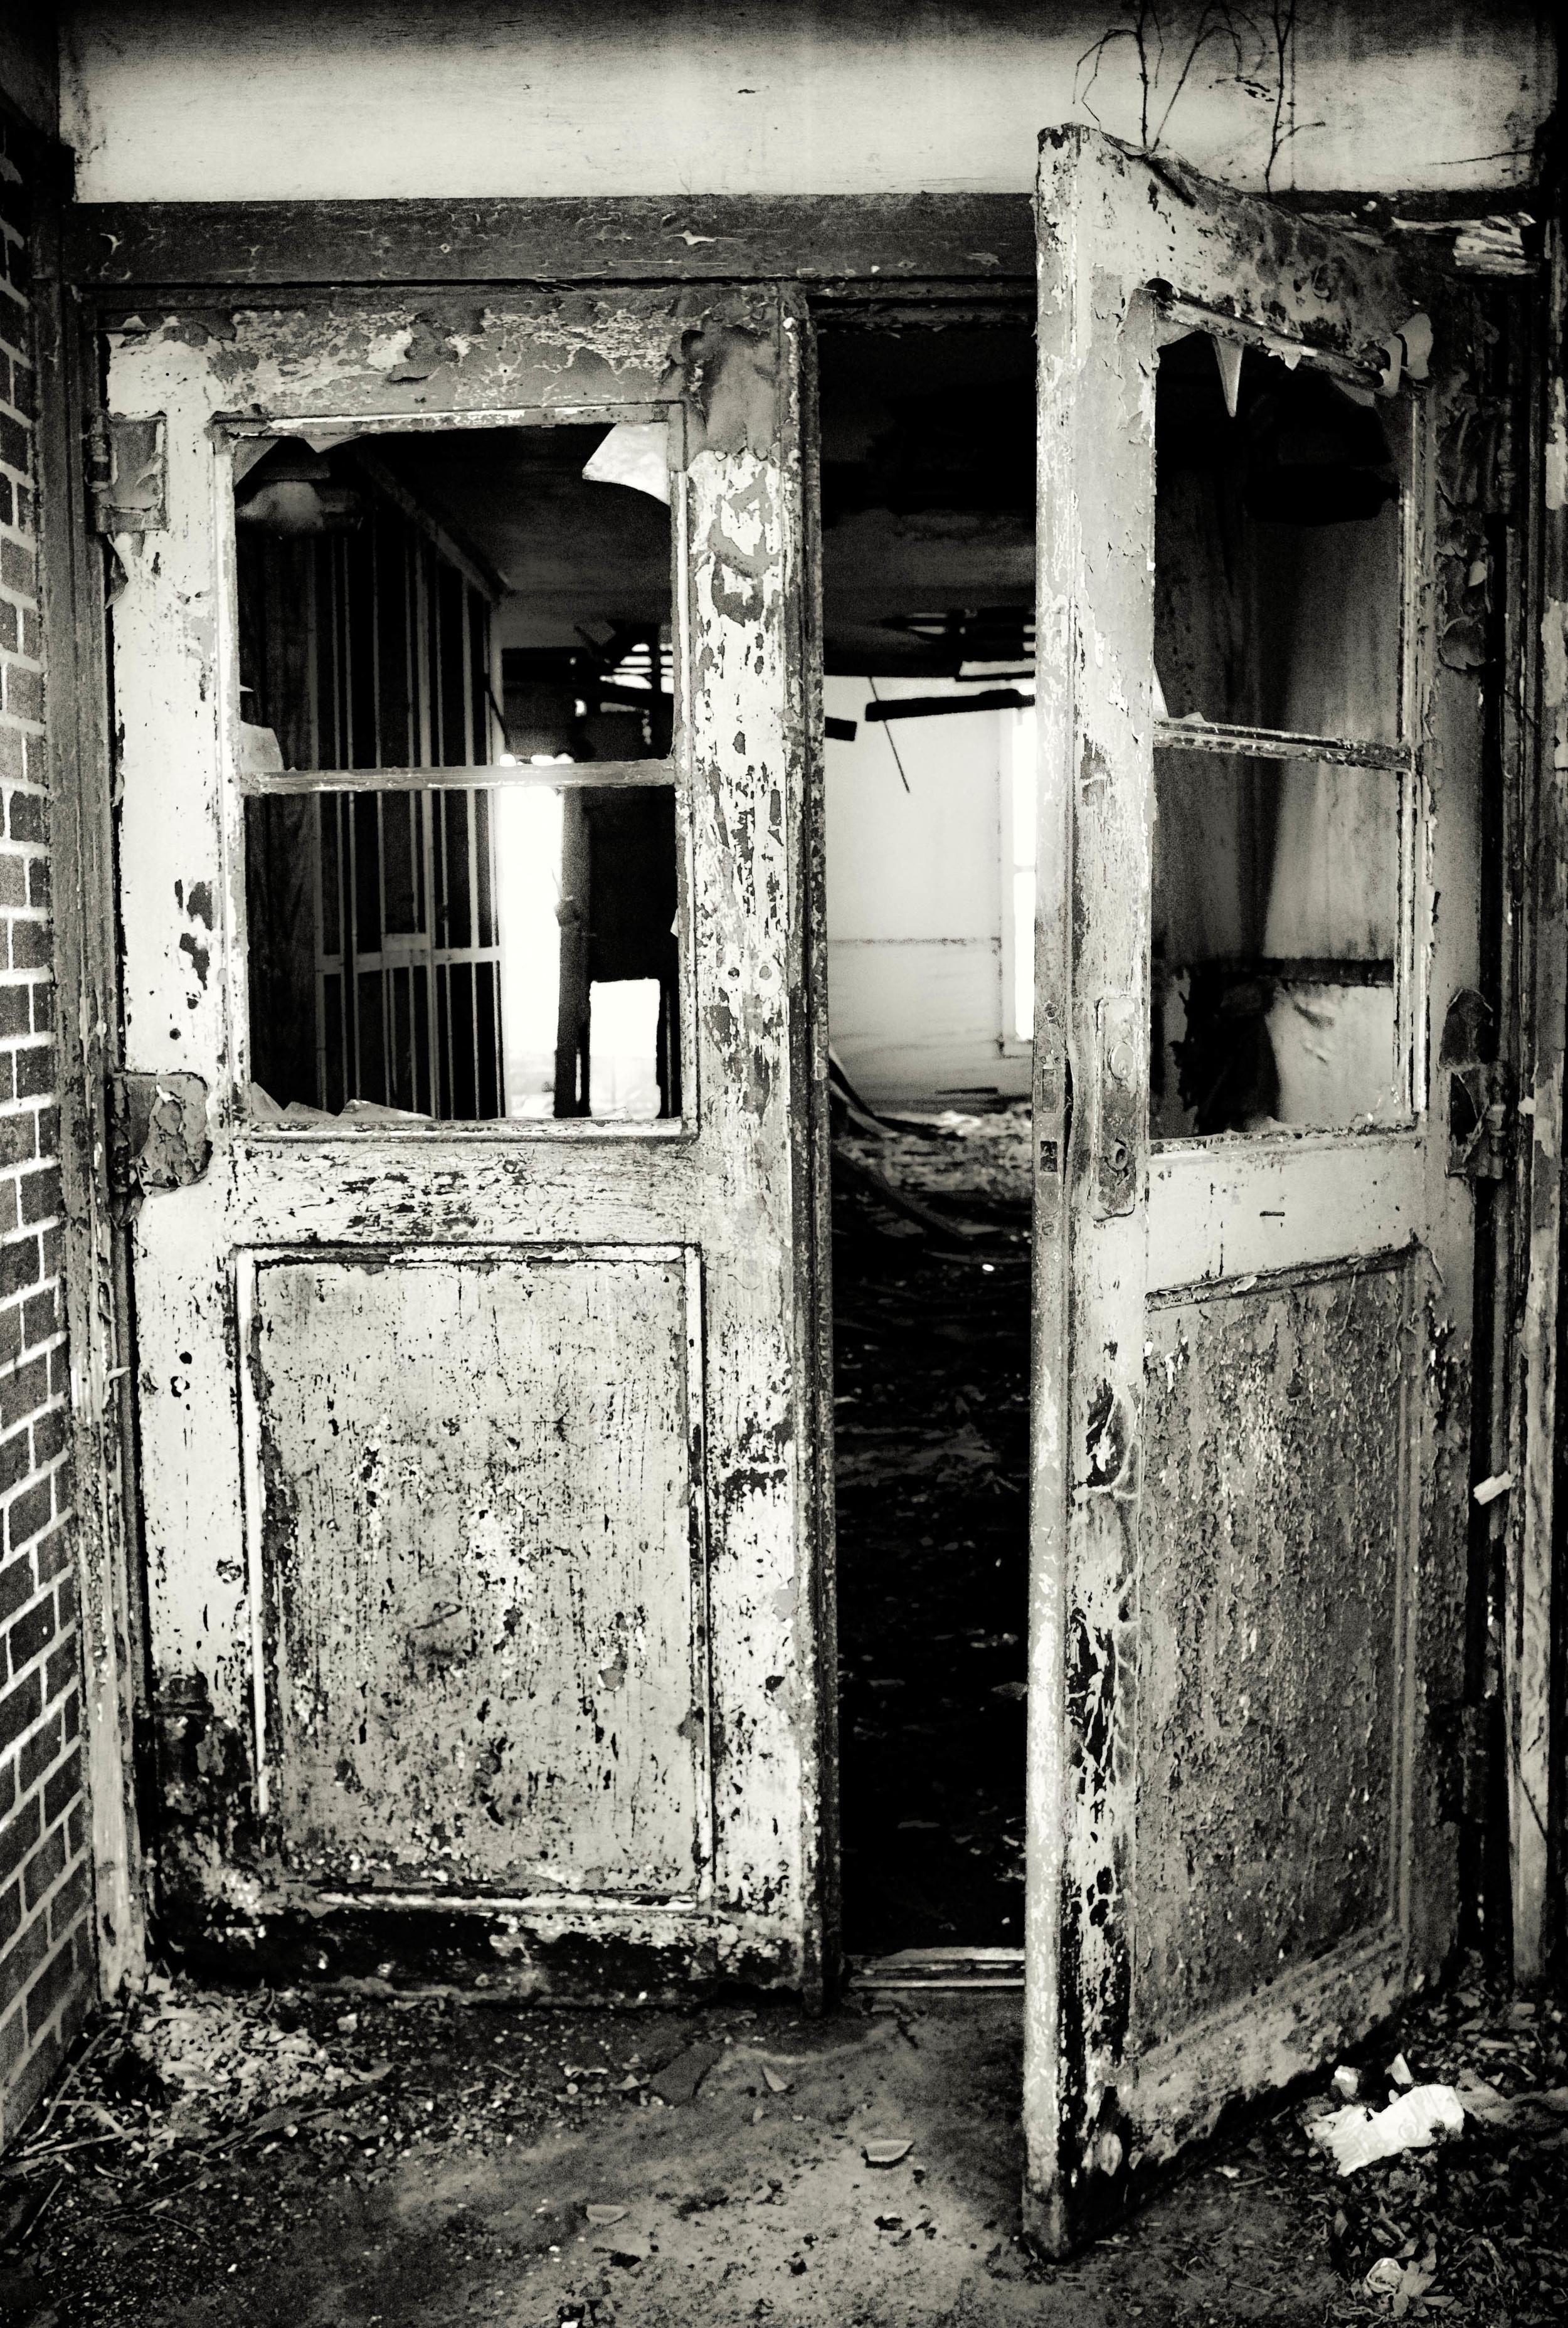 Doors to the abandoned school